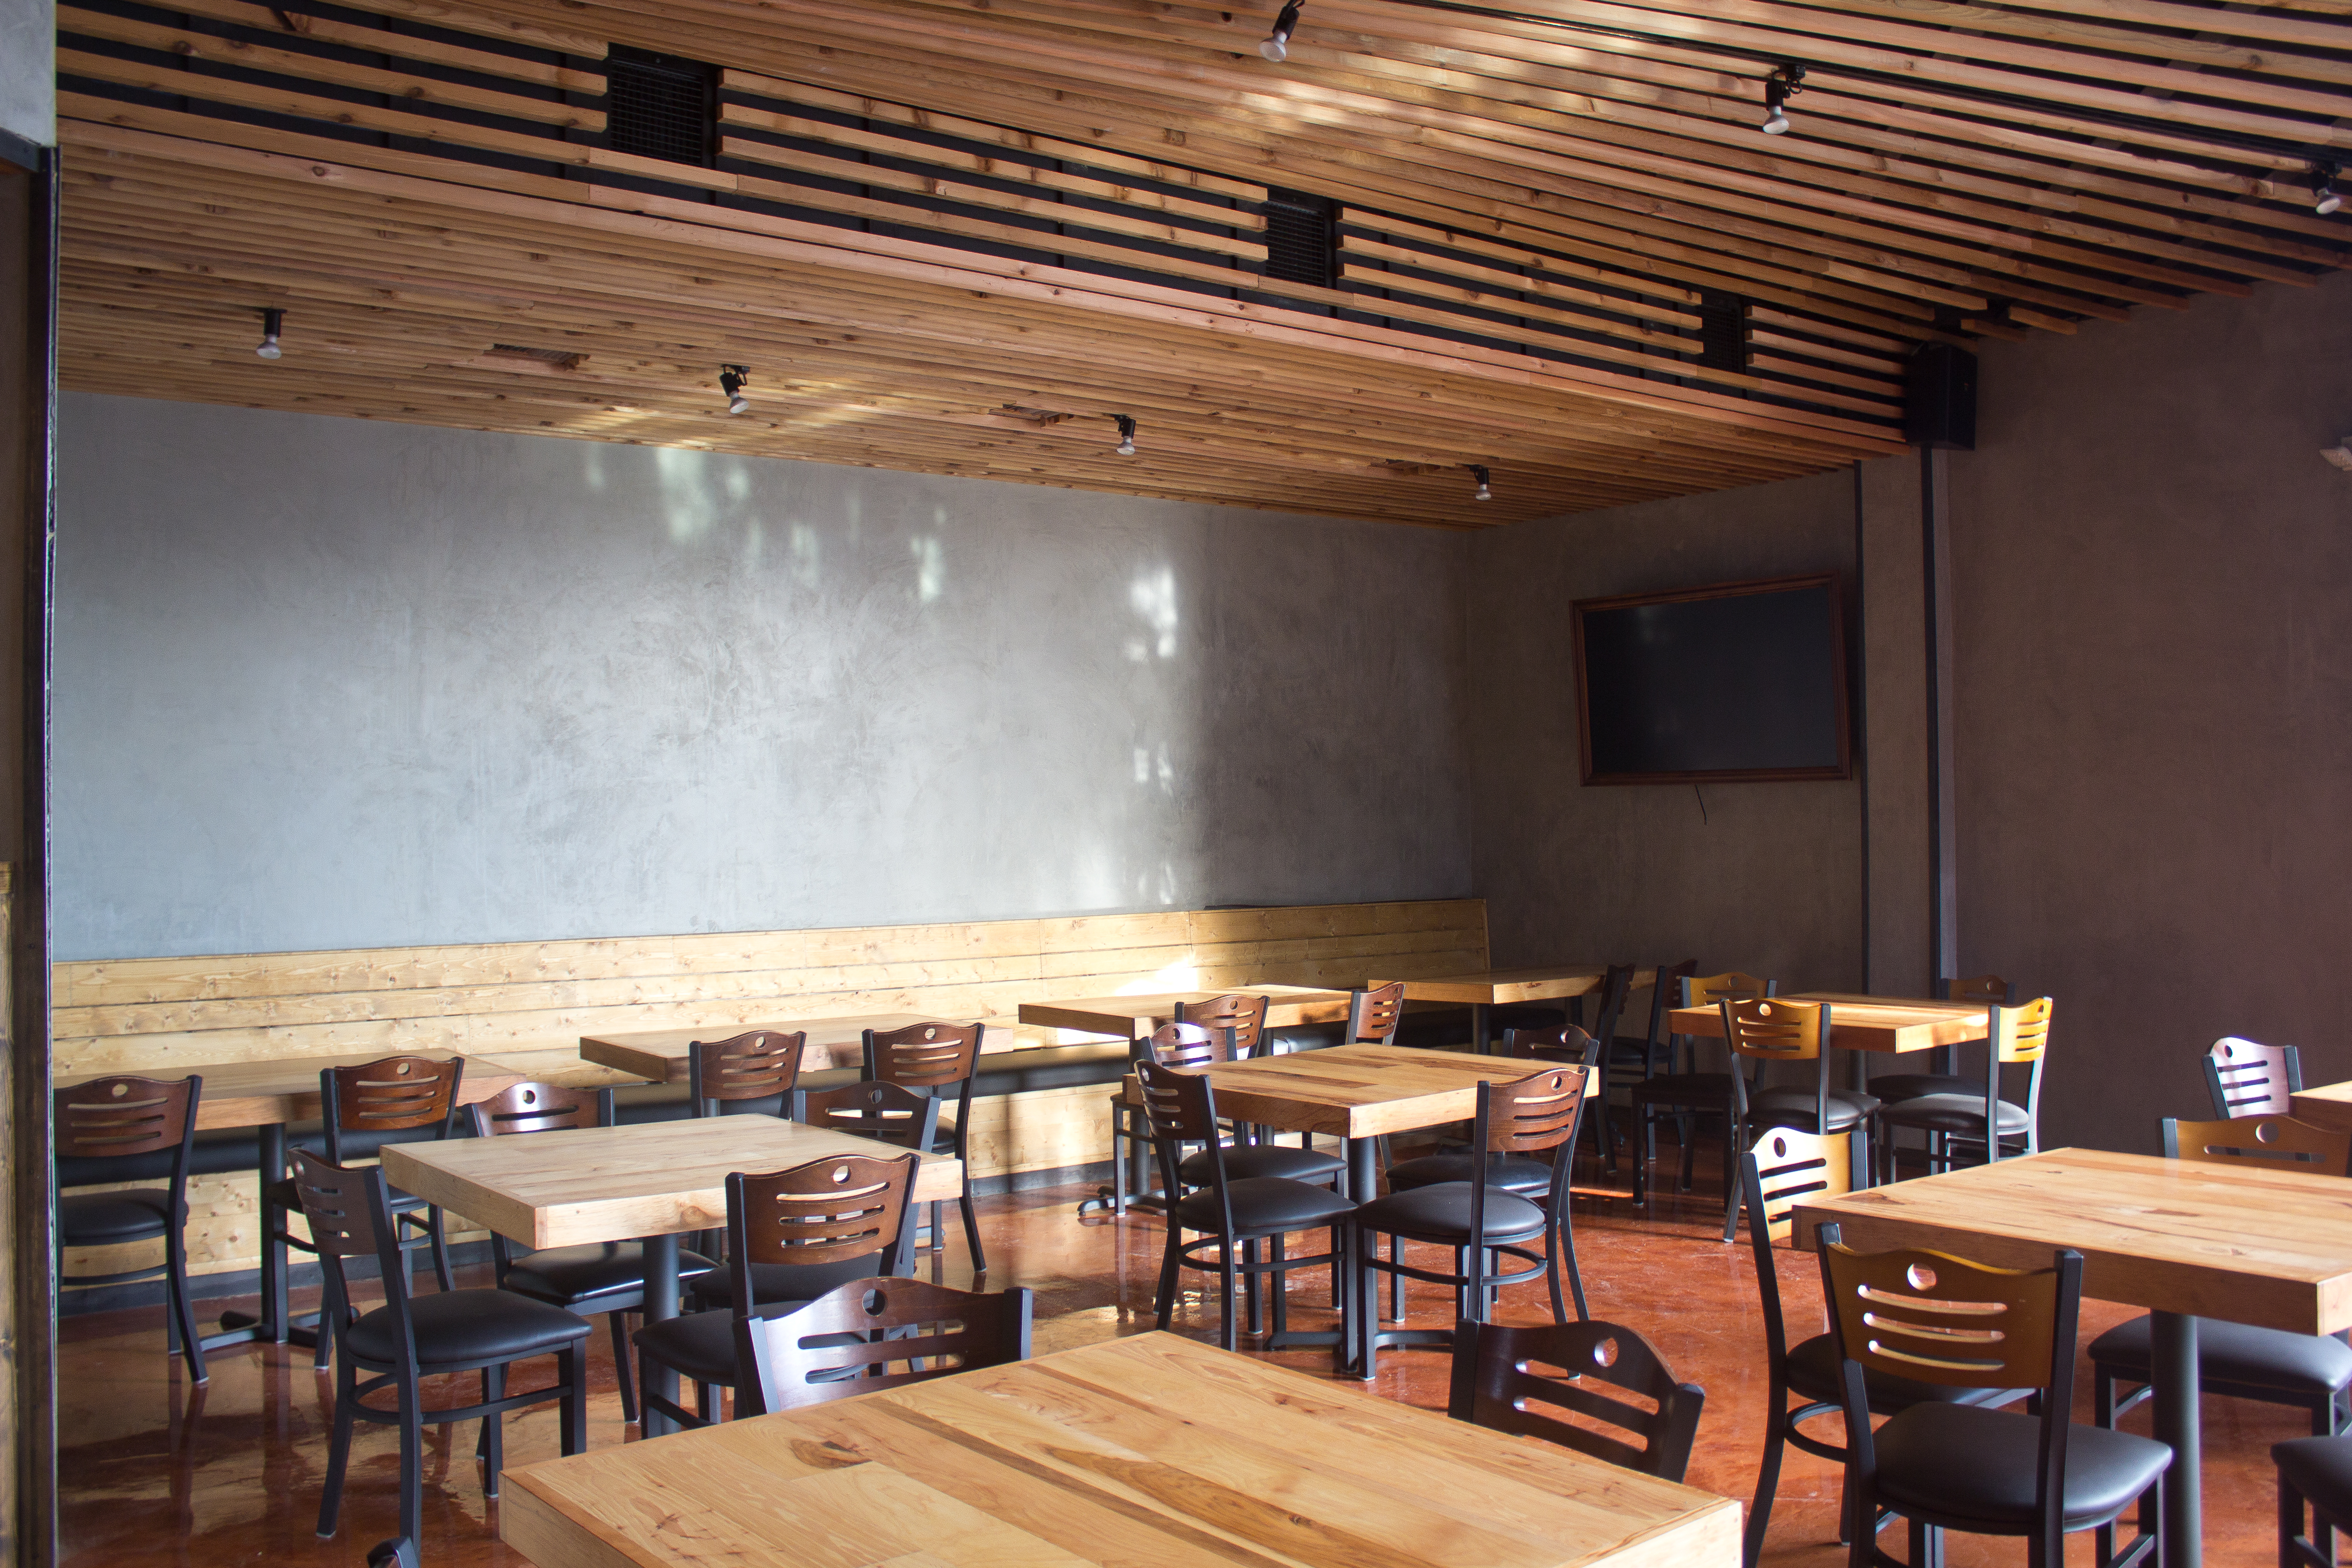 EastSide Tavern